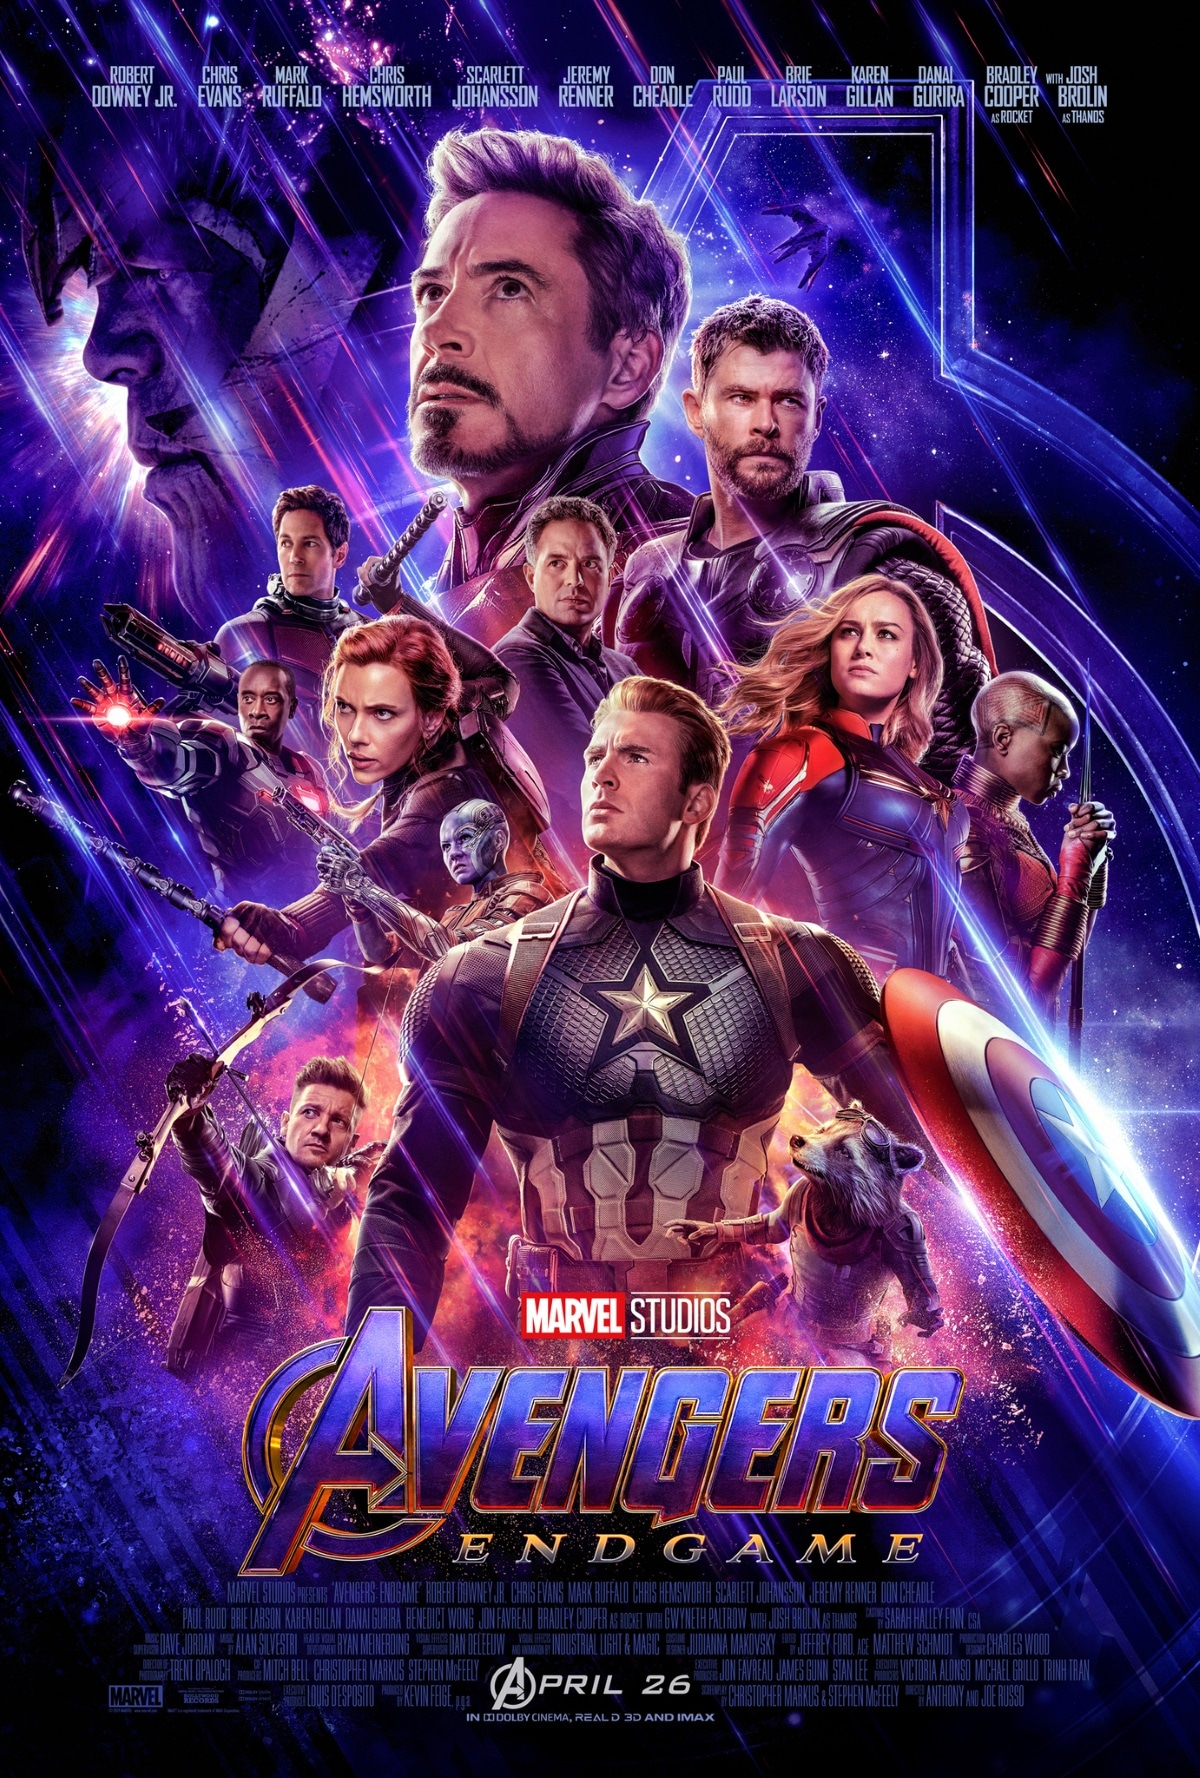 avengers endgame poster Avengers Endgame